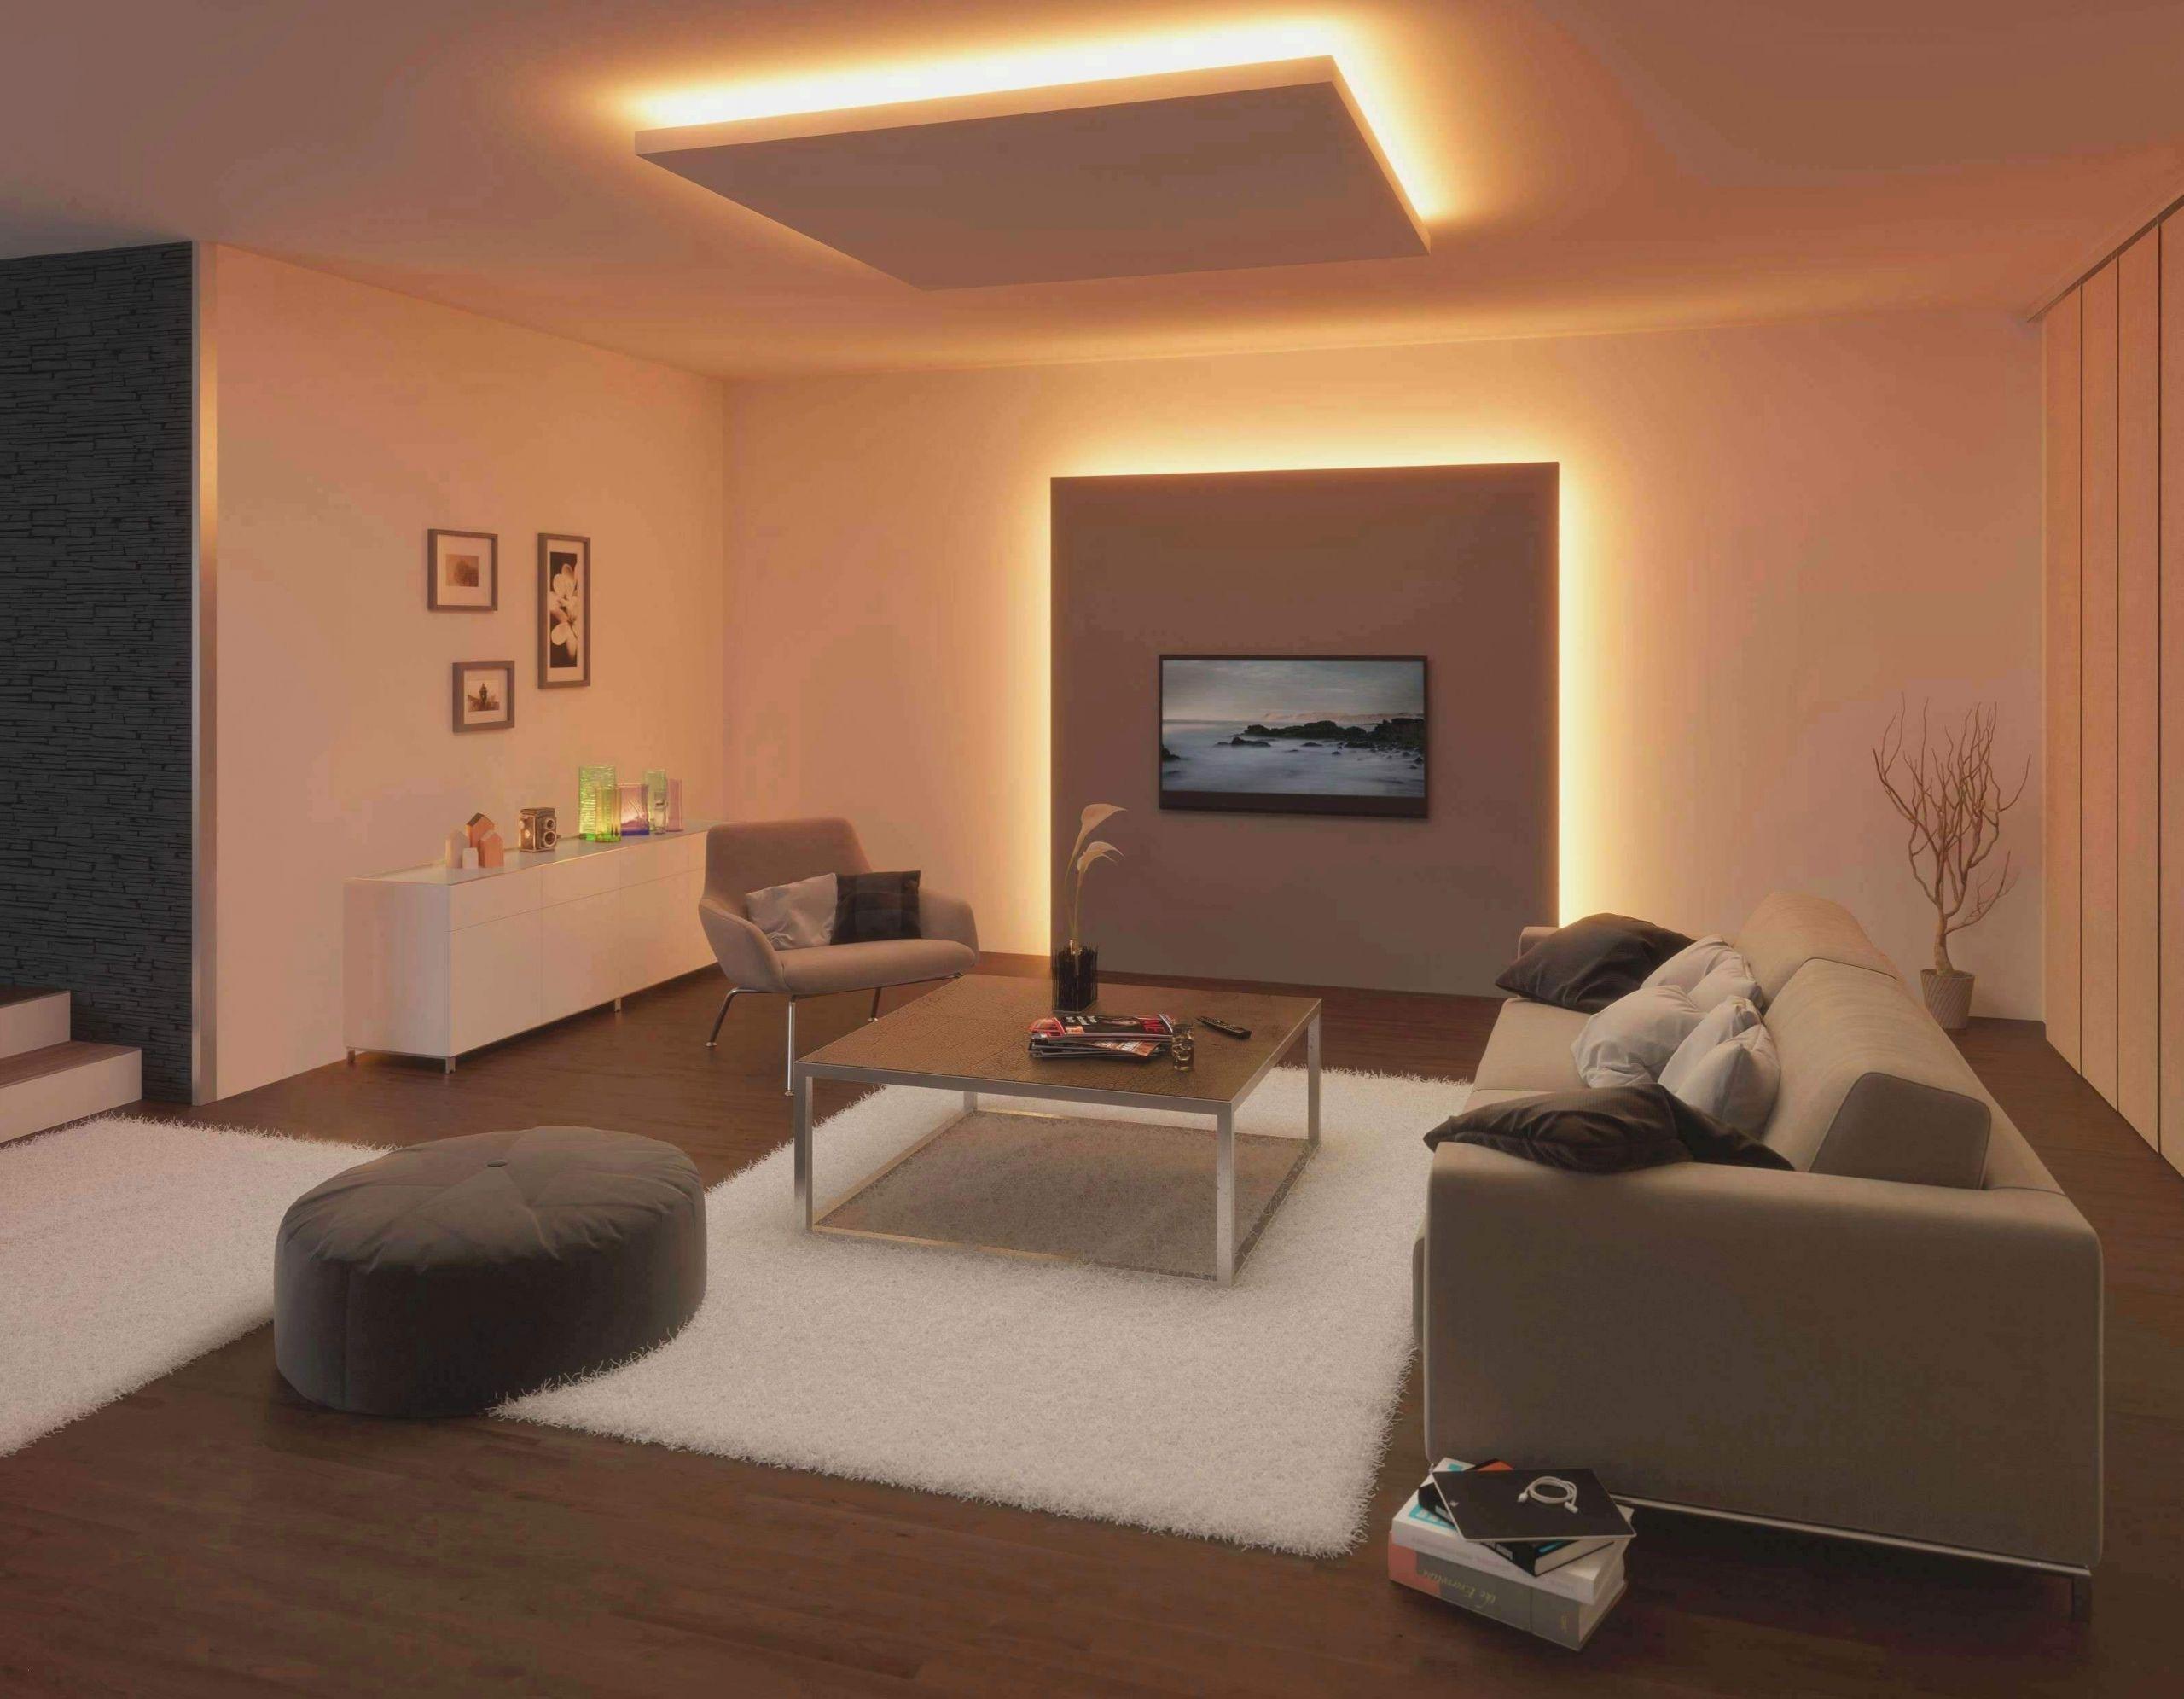 bilder wohnzimmer landhausstil frisch wohnzimmer landhausstil 0d of bilder wohnzimmer landhausstil